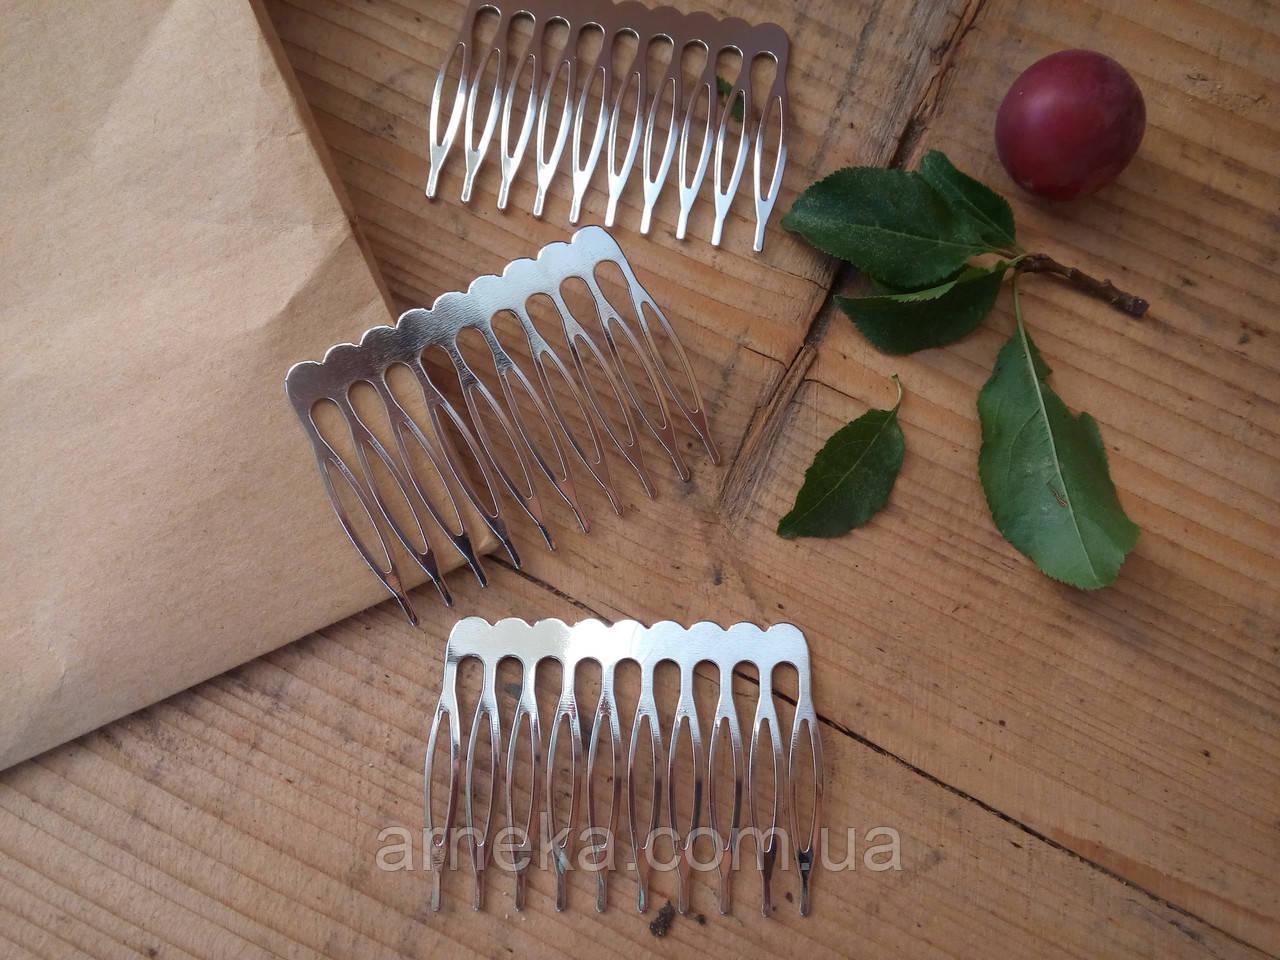 Гребень металл 5 см (10 зубцов)